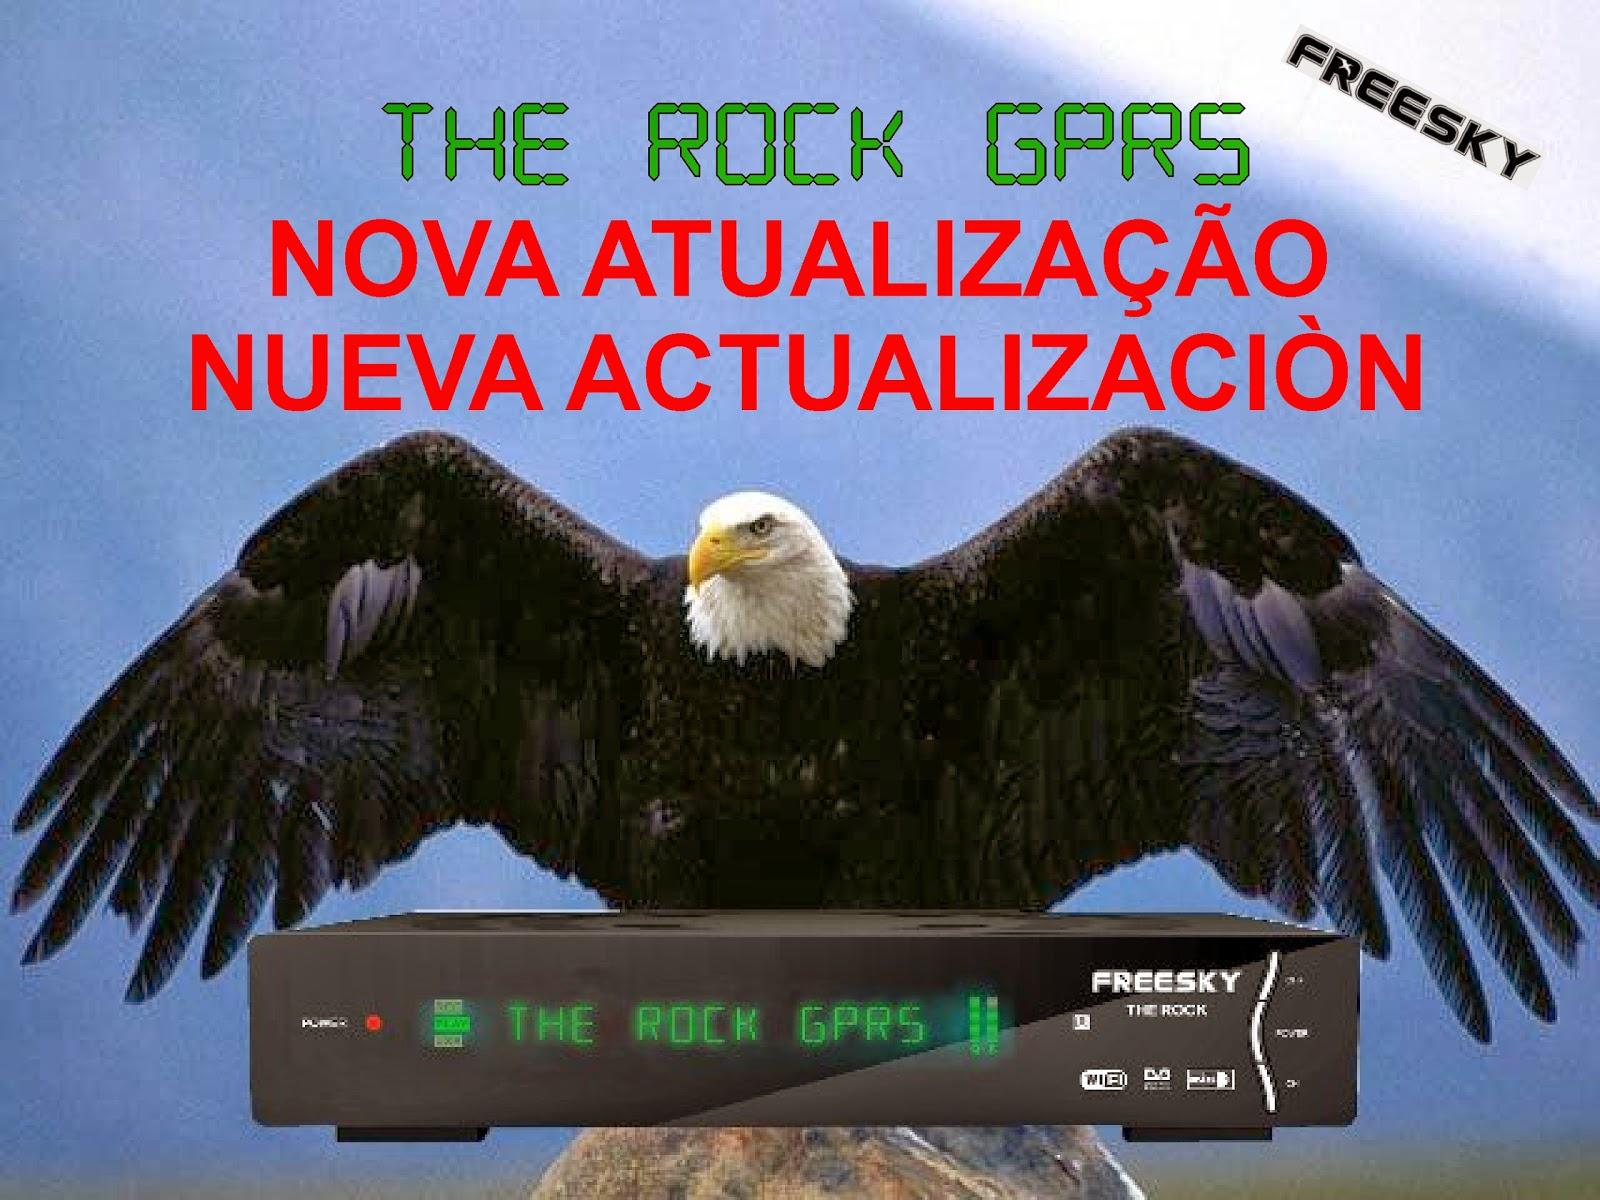 FREESKY THE ROCK NOVA ATUALIZAÇÃO V1.16.188 – 24/05/2017